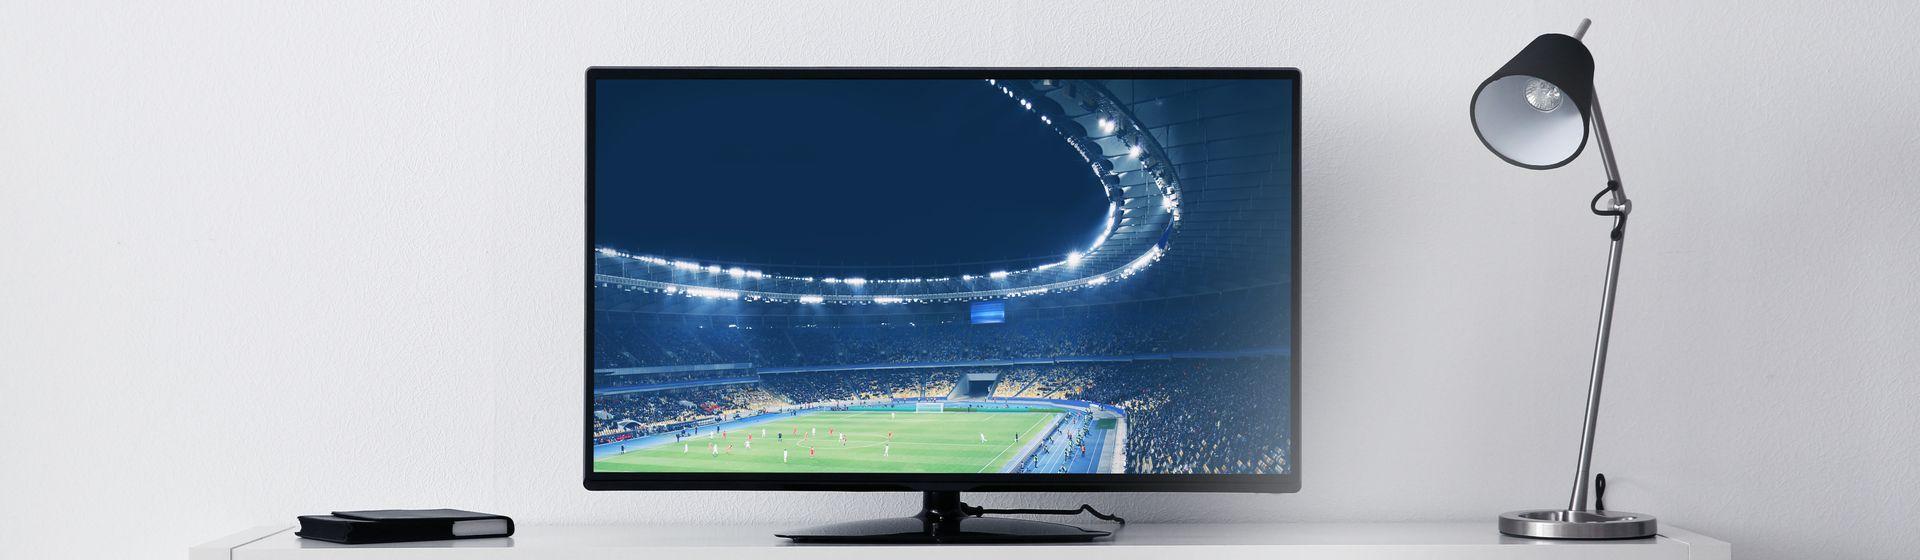 Libertadores 2021: onde assistir + 4 dicas para se preparar para a temporada